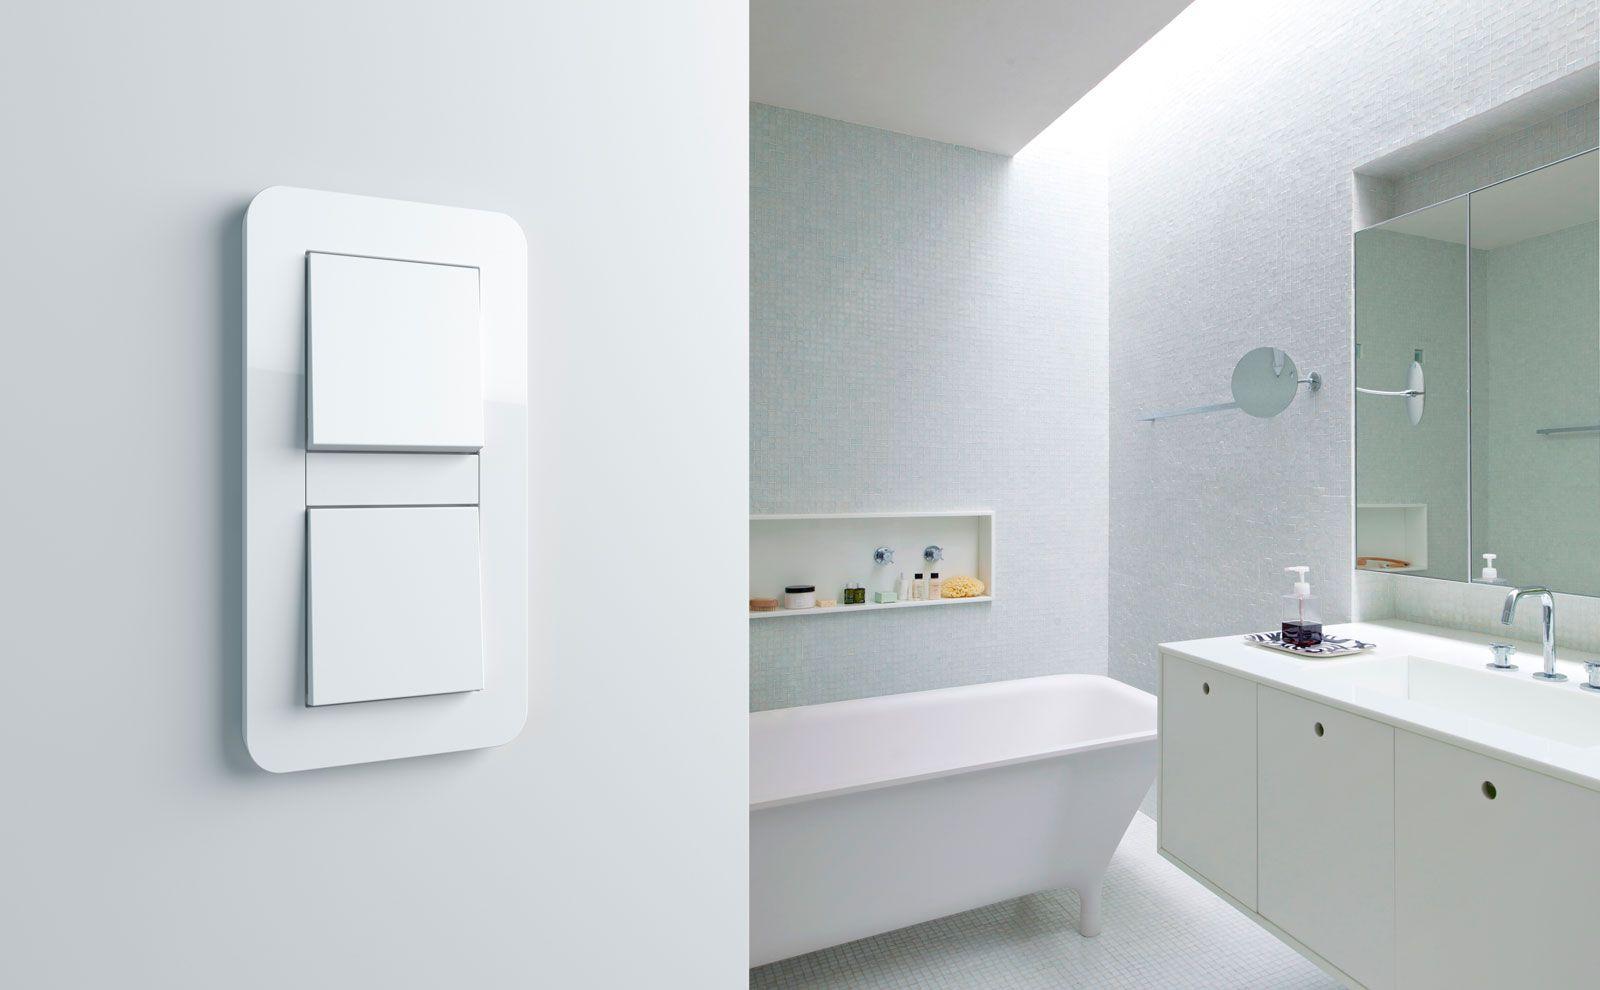 Gira E3 Lichtschalter 2-fach im Badezimmer